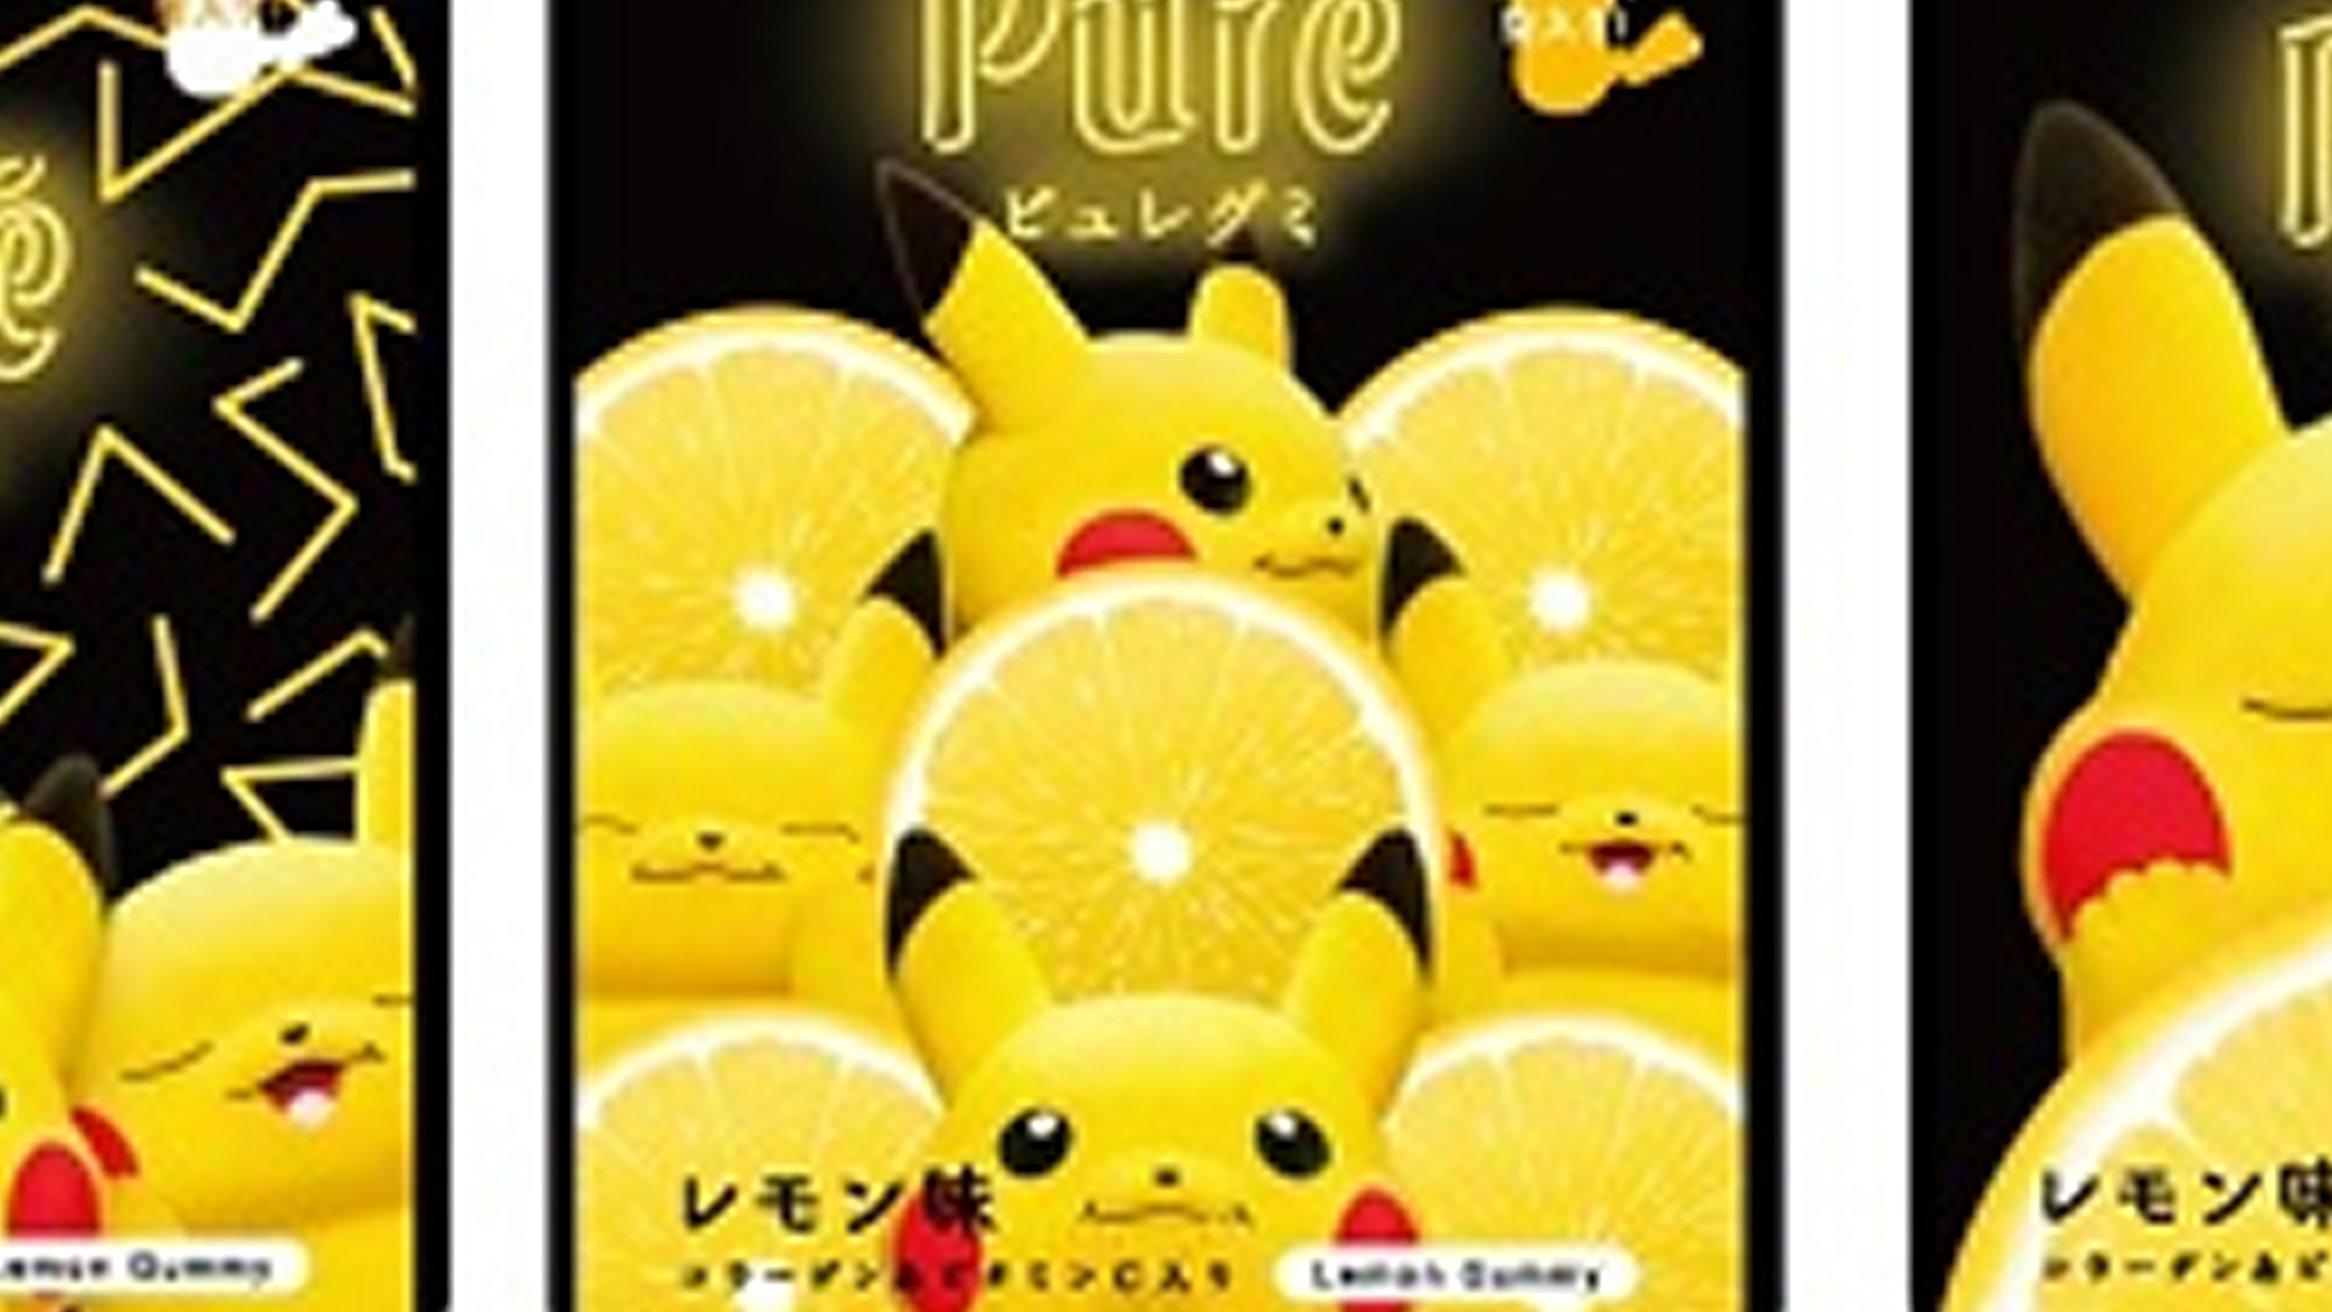 ポケモンのピュレグミ第3弾。レモン味2020年10月